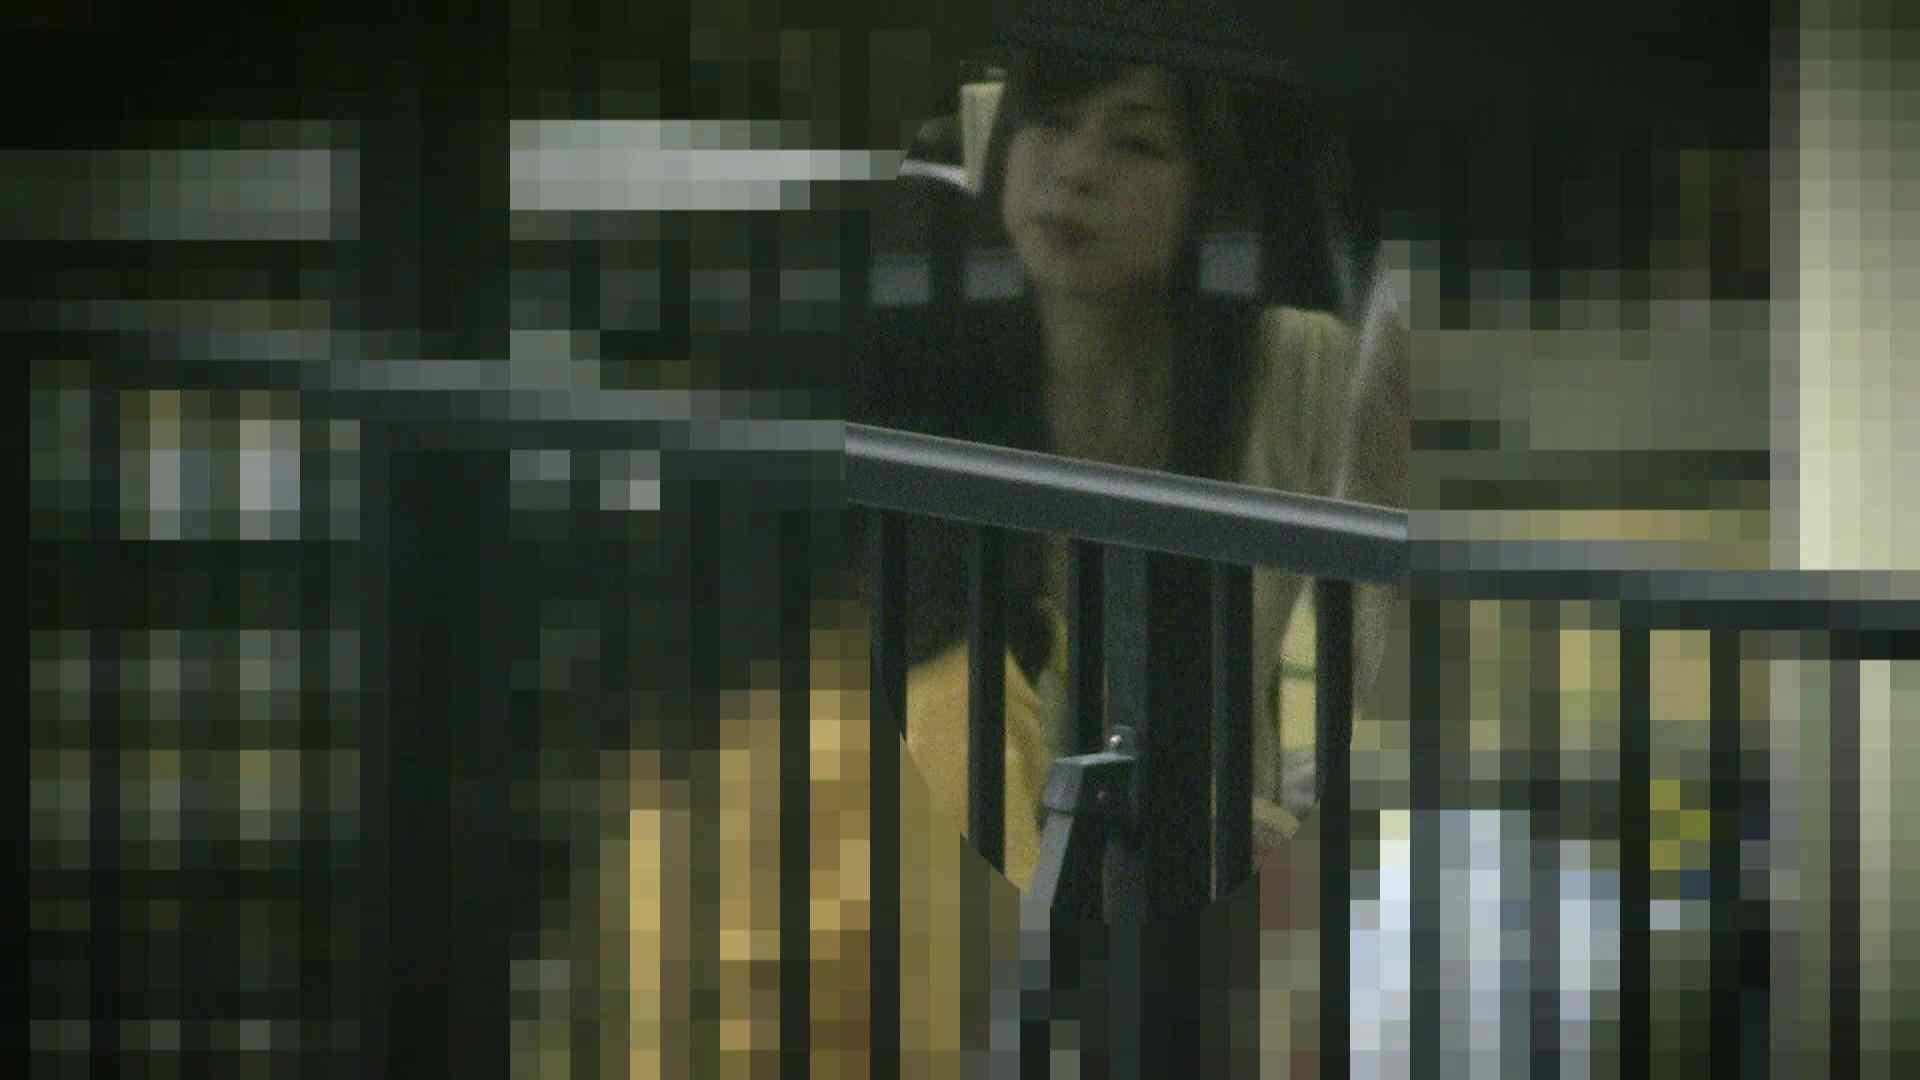 高画質露天女風呂観察 vol.006 望遠 オマンコ無修正動画無料 9枚 5